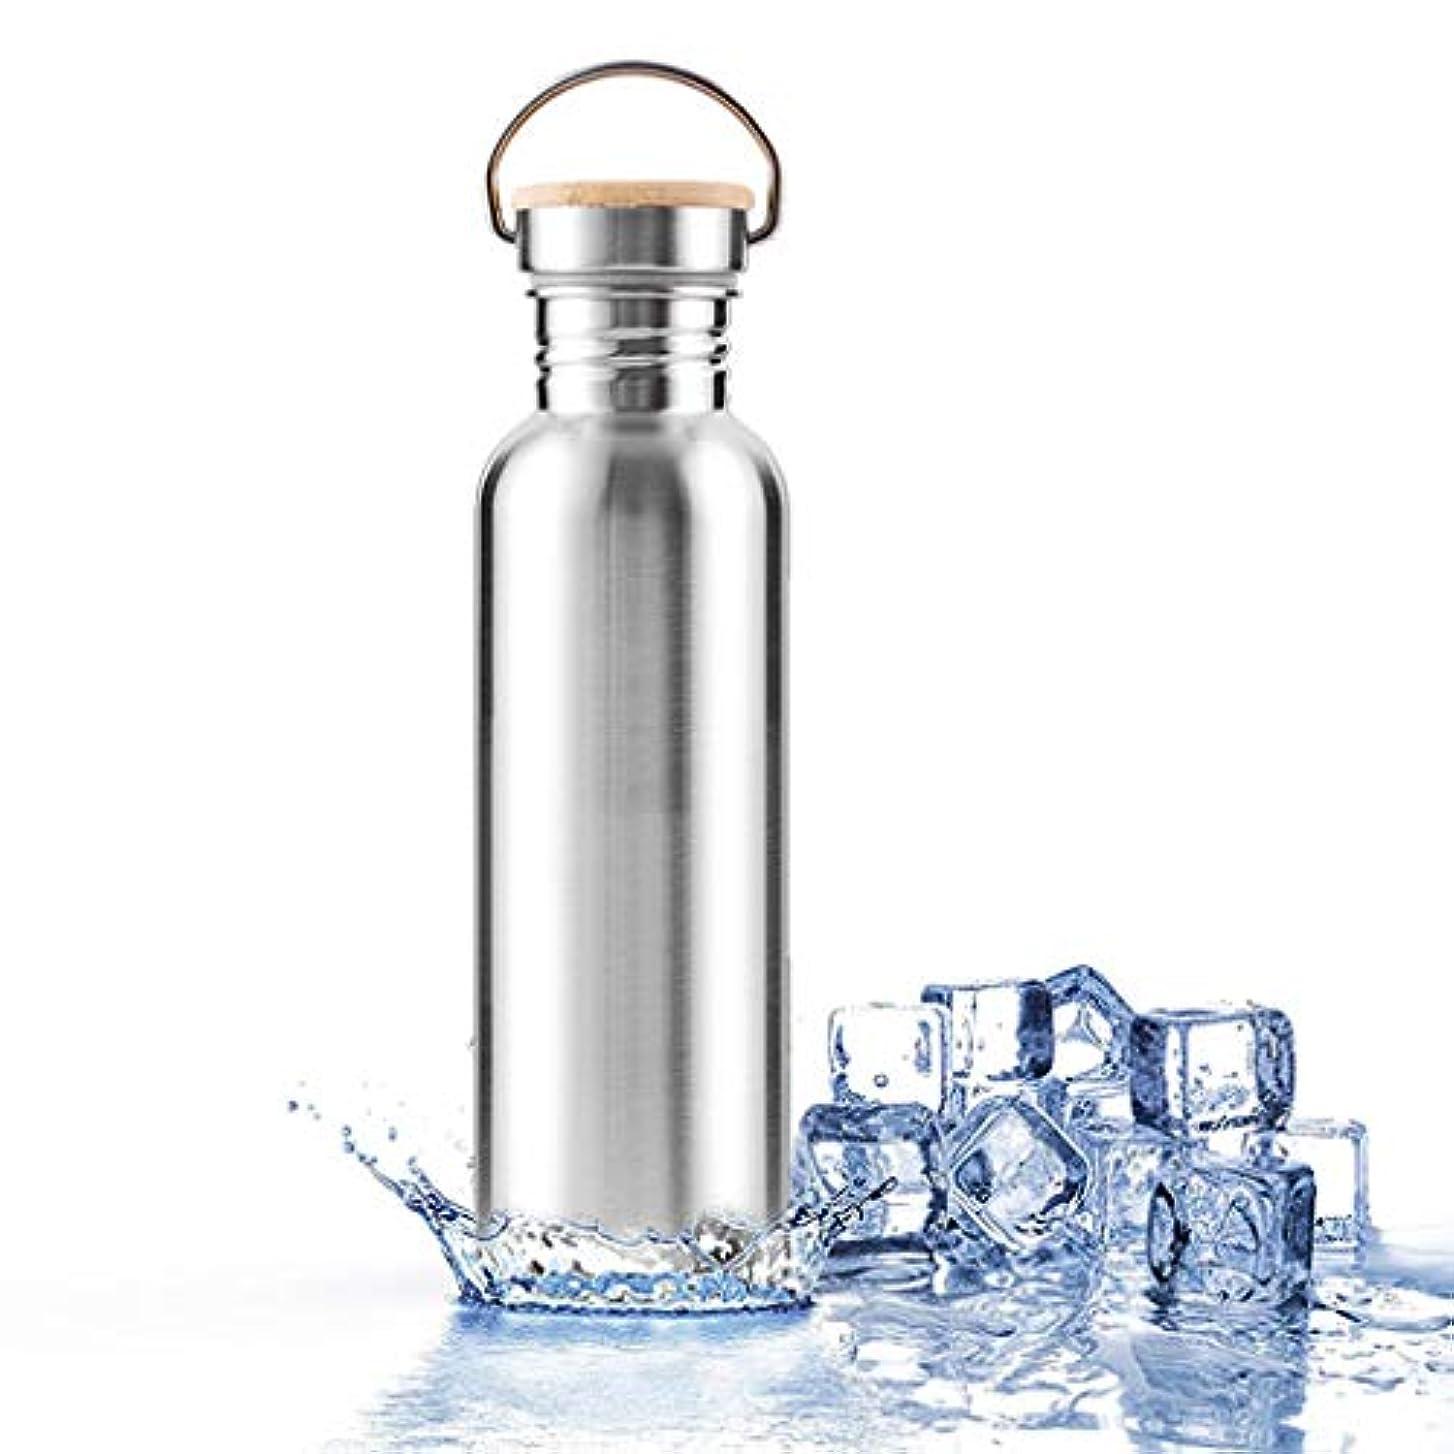 ボーカル合併浜辺ウォーターボトルステンレススチール500ミリリットル、ウォーターボトルコールド24時間と12時間ホットフラスコトラベルマグ月ボトル真空断熱小型軽量、オフィスジムアウトドアスポーツ魔法瓶(シルバー)